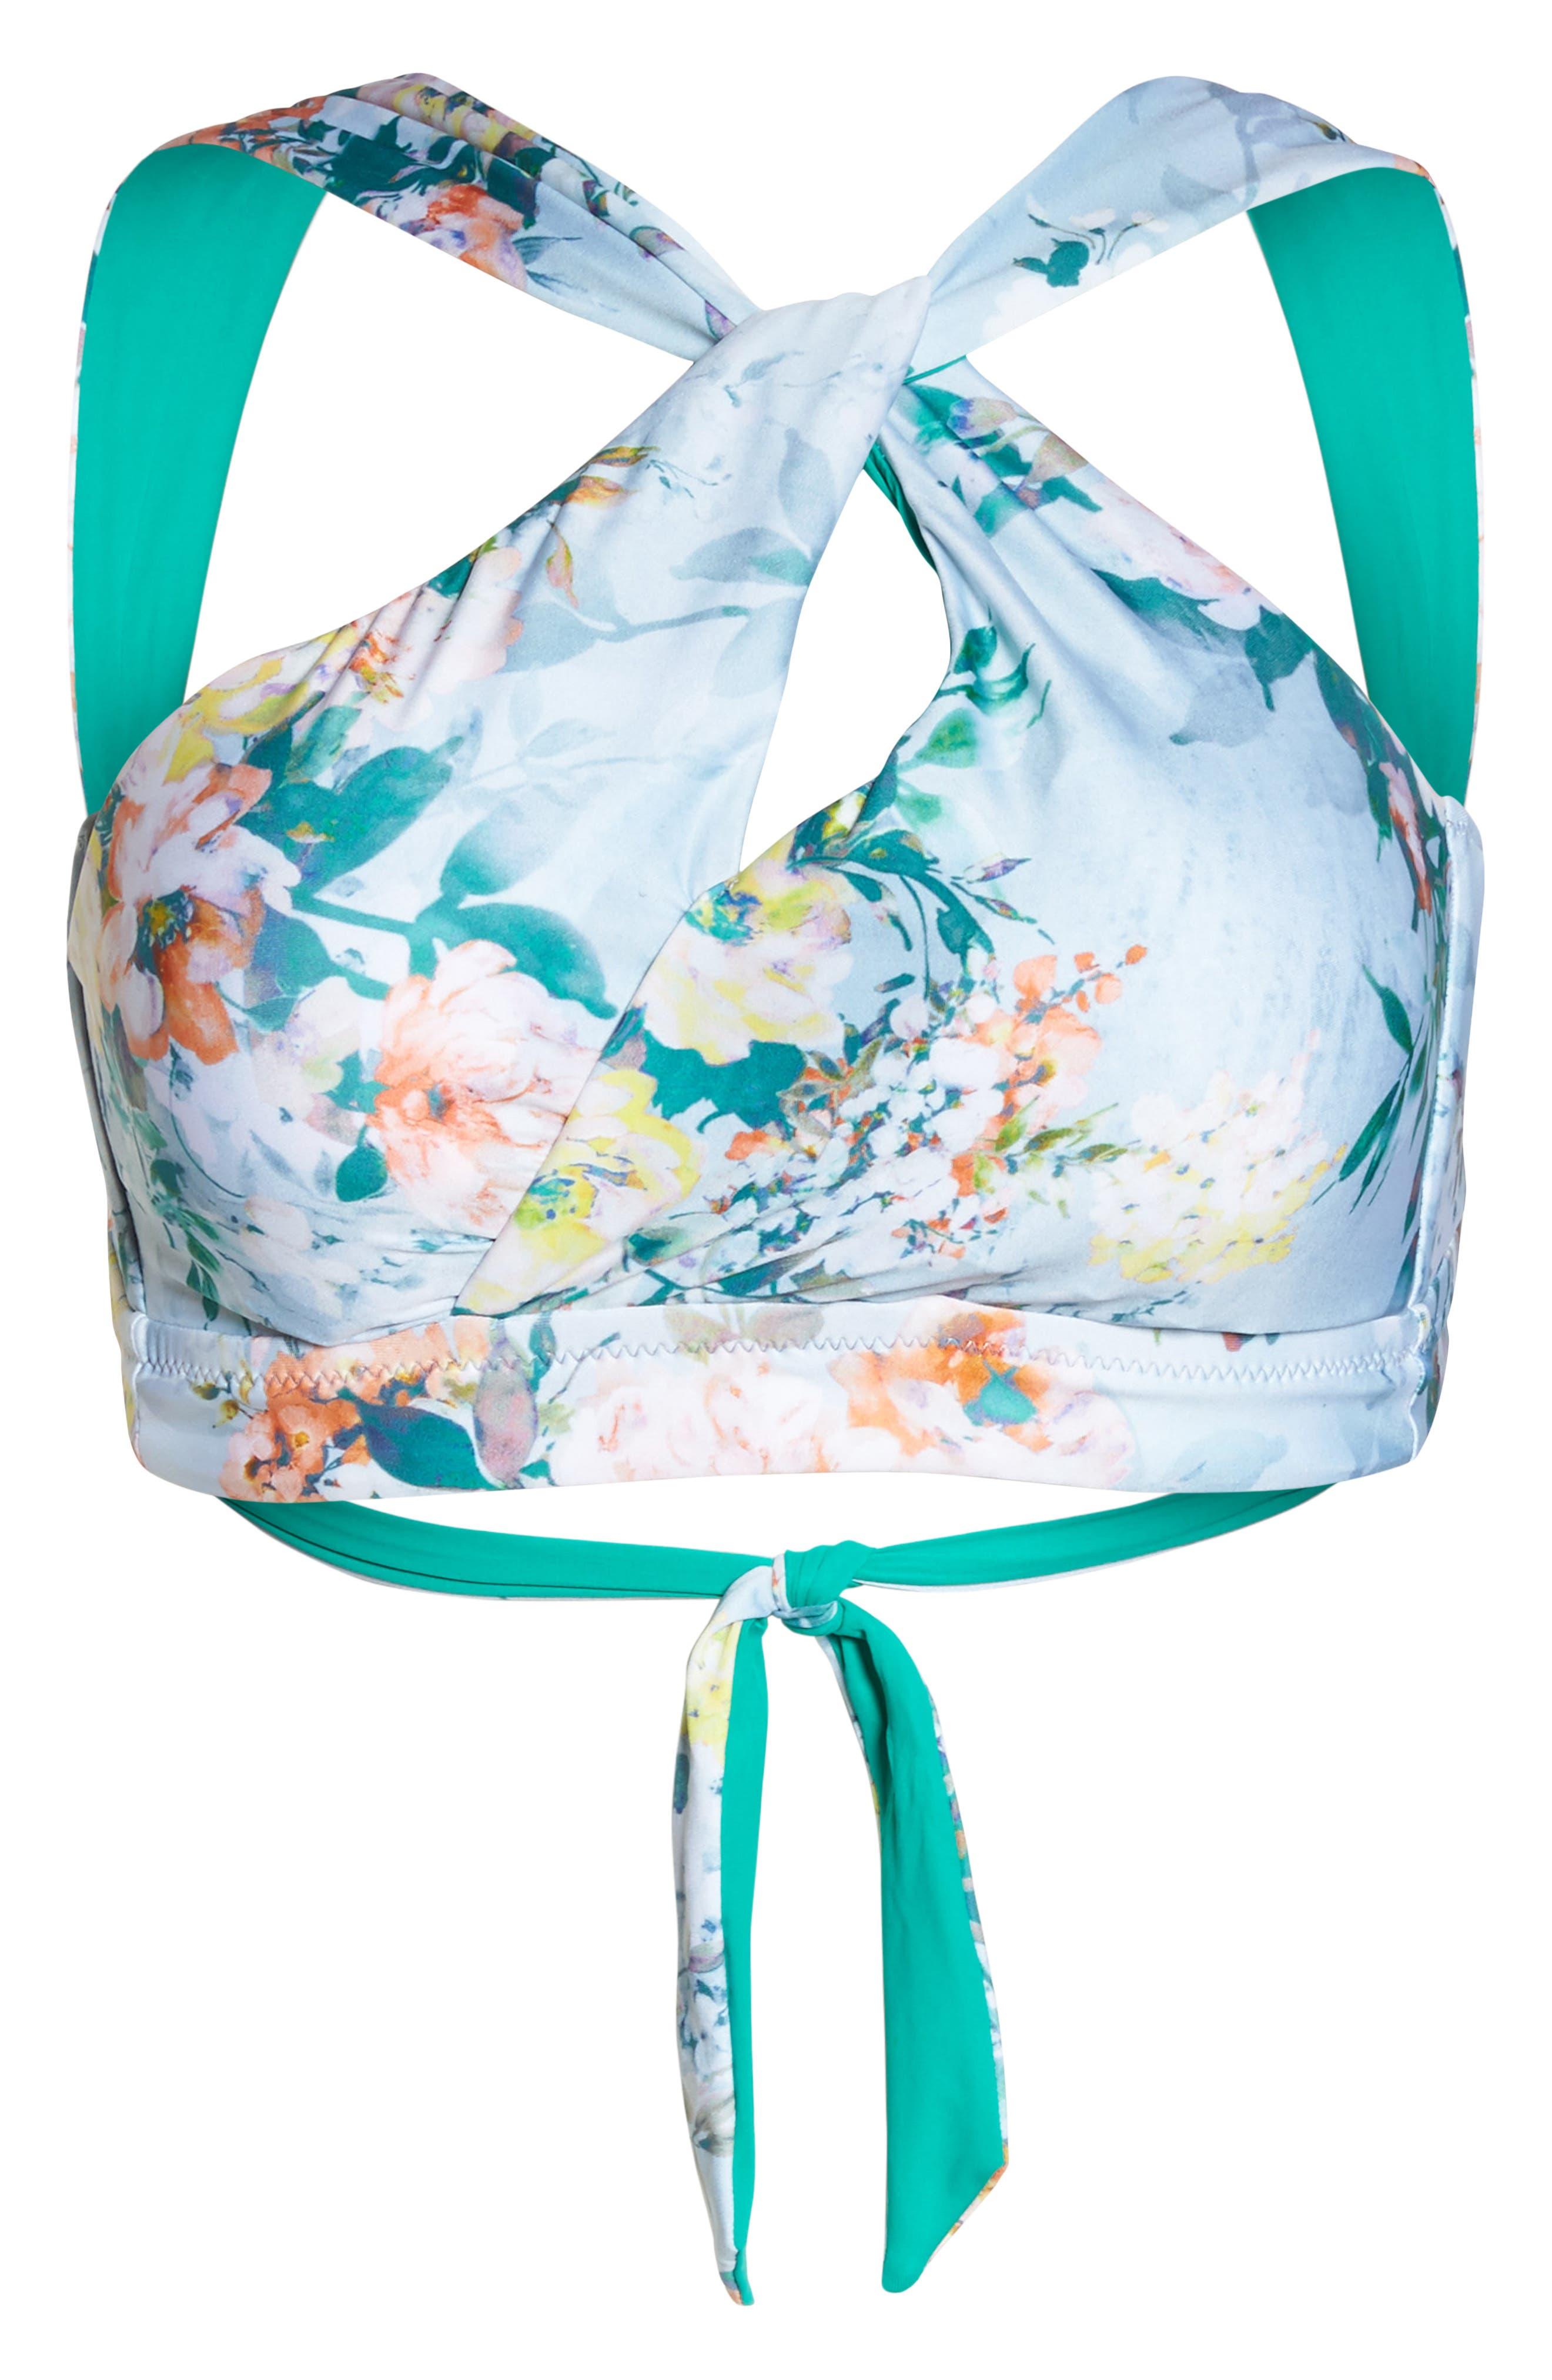 Femme Flora Bikini Top,                             Alternate thumbnail 6, color,                             Blue Multi